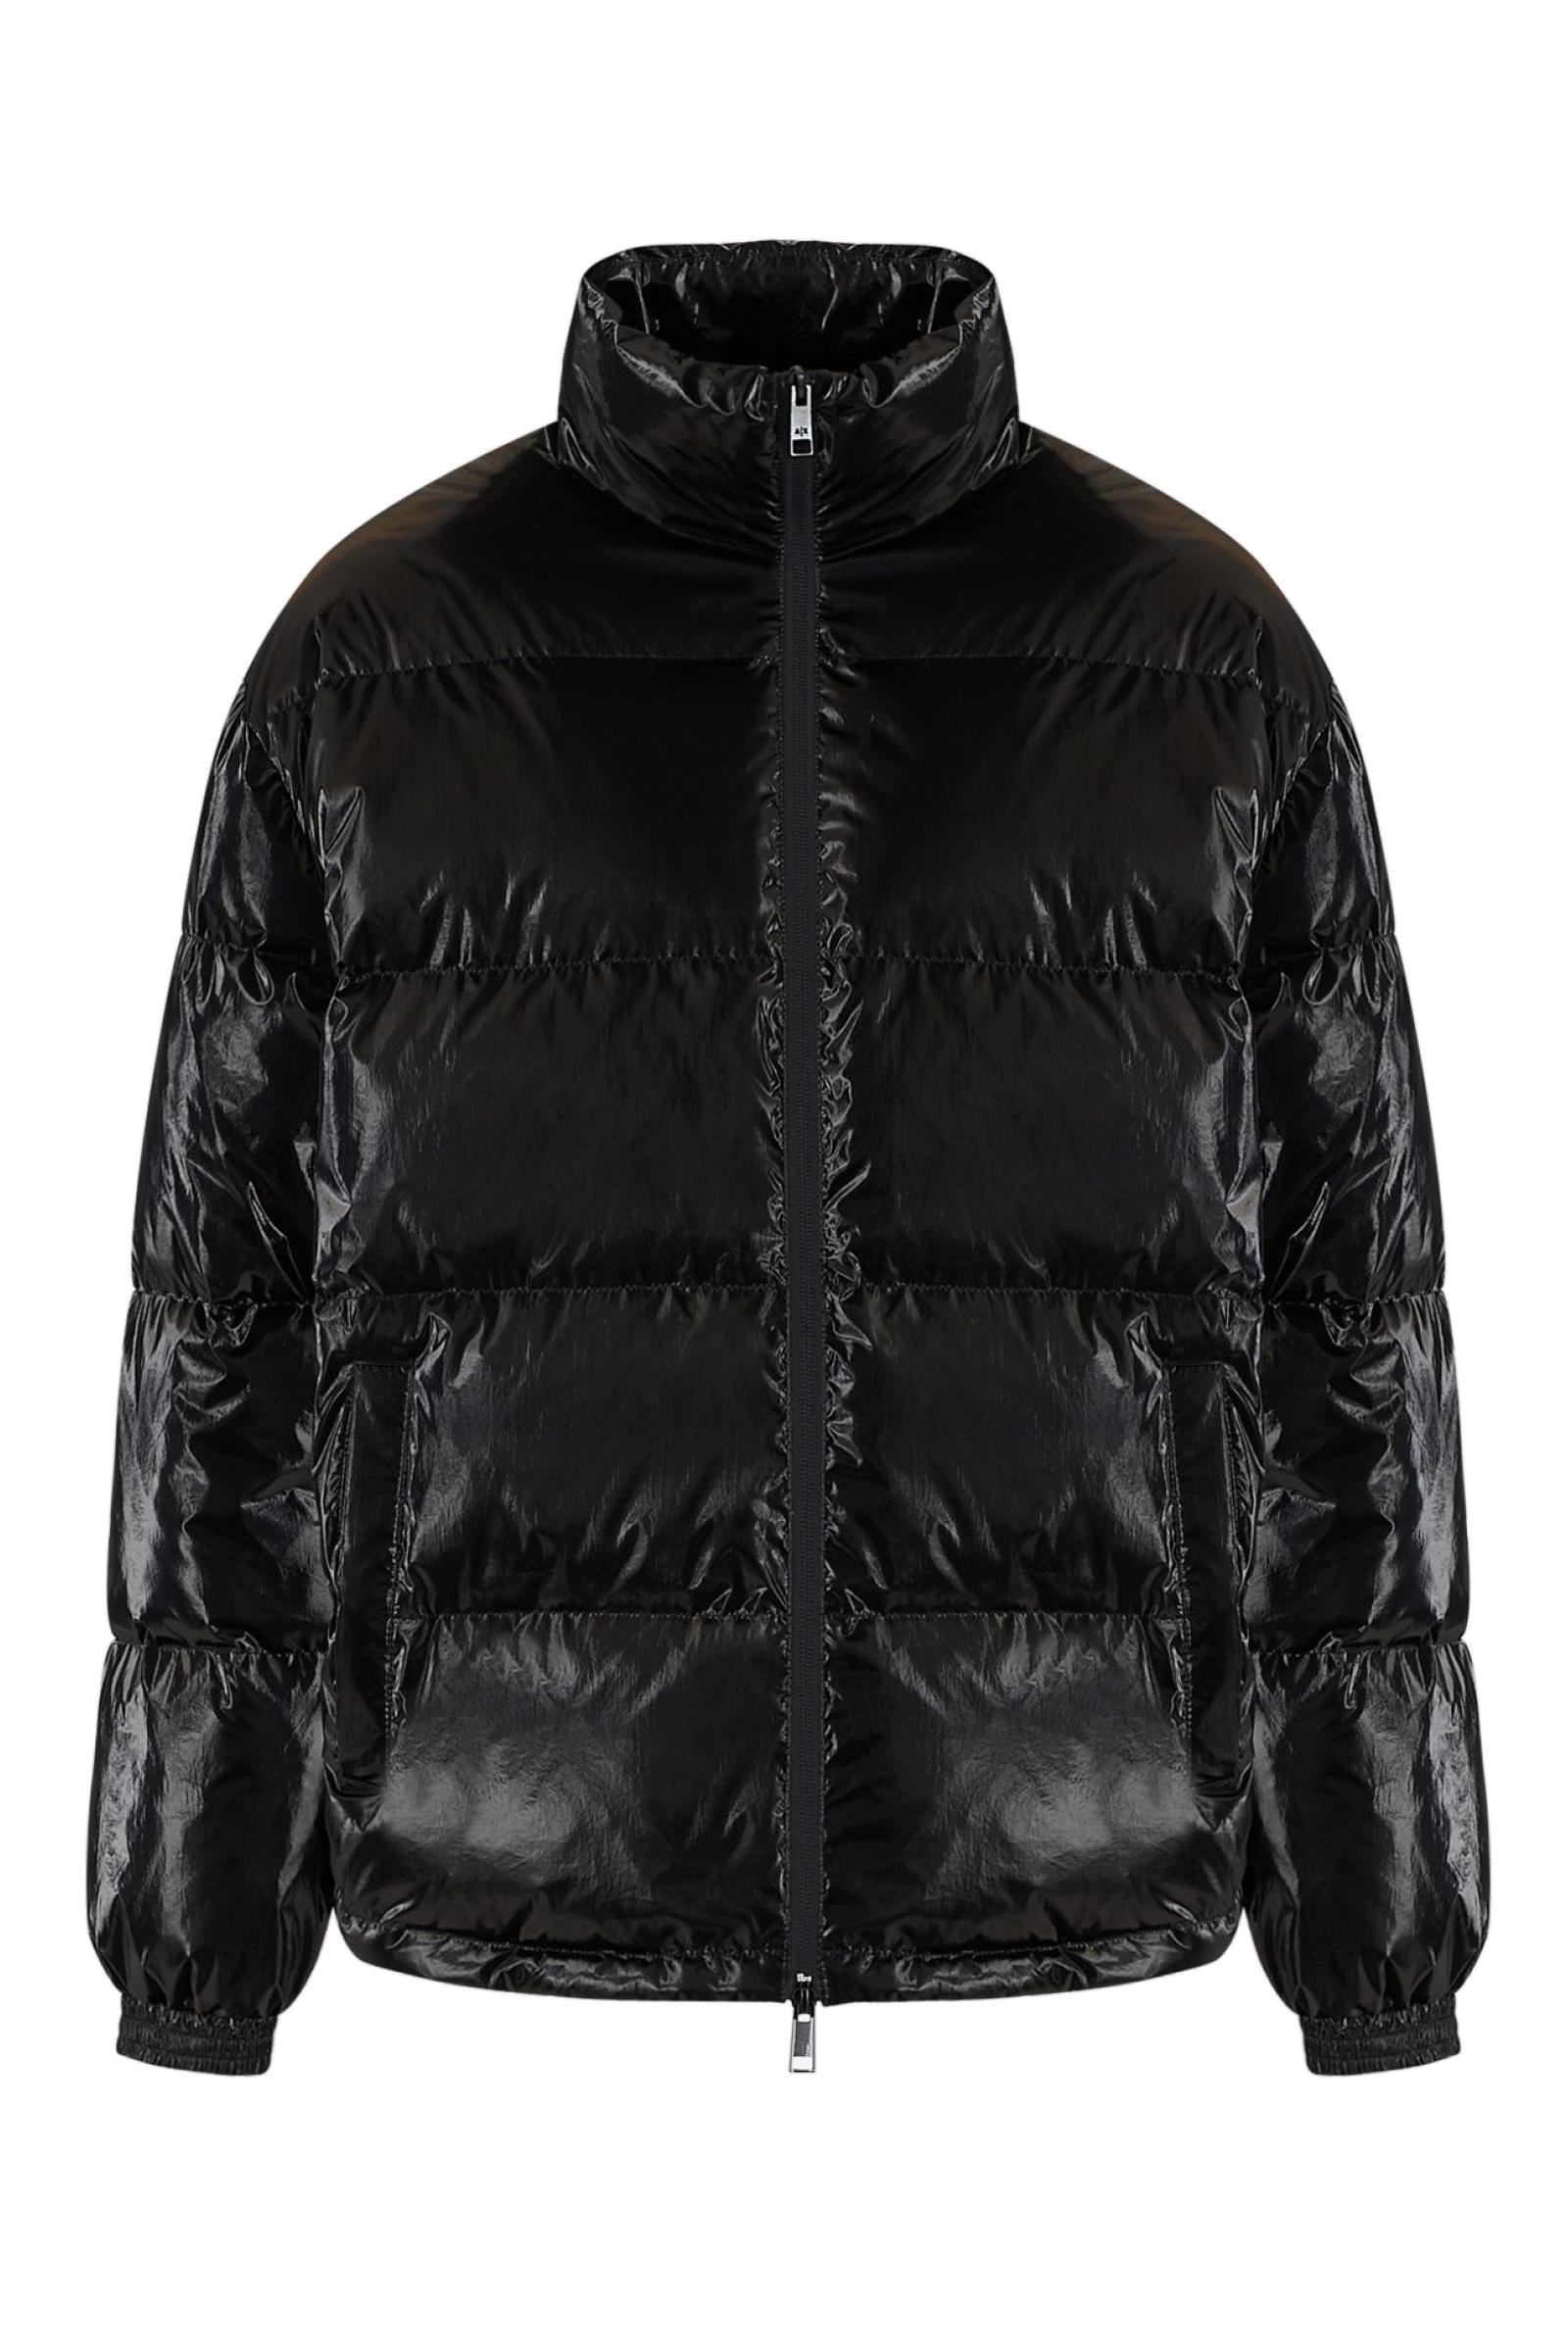 ARMANI EXCHANGE Men's jacket ARMANI EXCHANGE | Jacket | 6HZB49 ZNPTZ7297